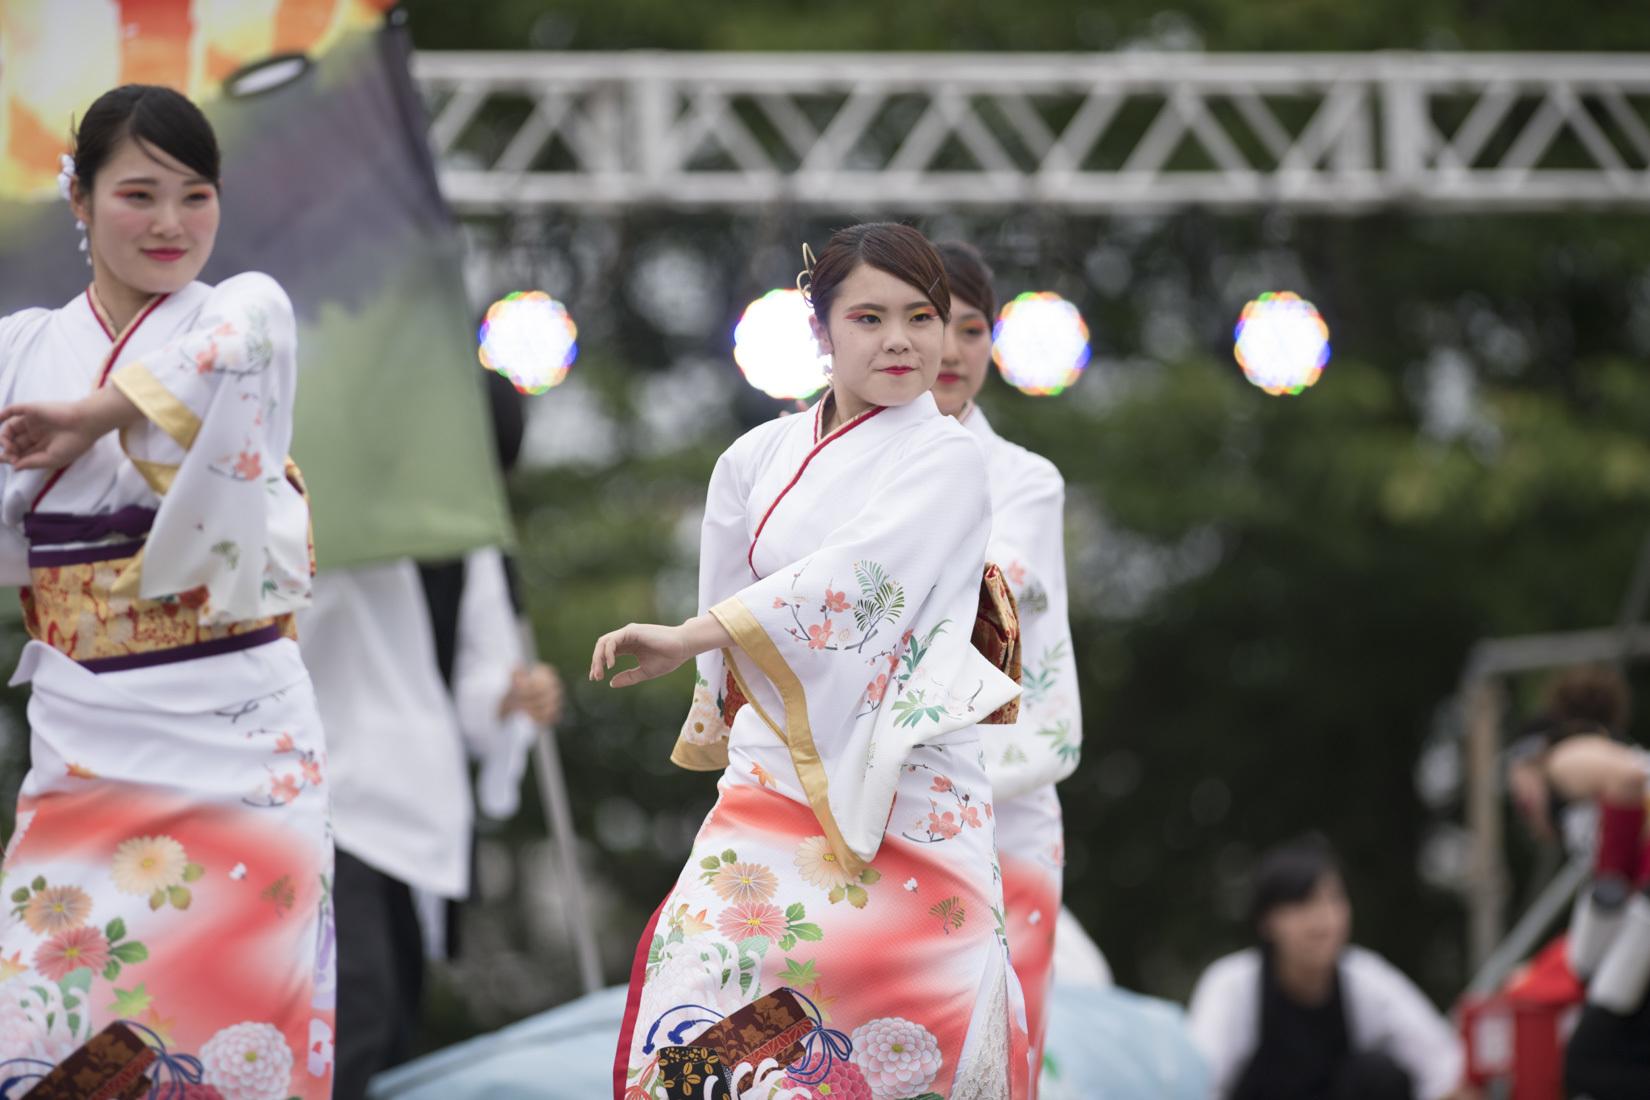 2019 犬山踊芸祭『浜松学生連 鰻陀羅』_f0184198_00134290.jpg